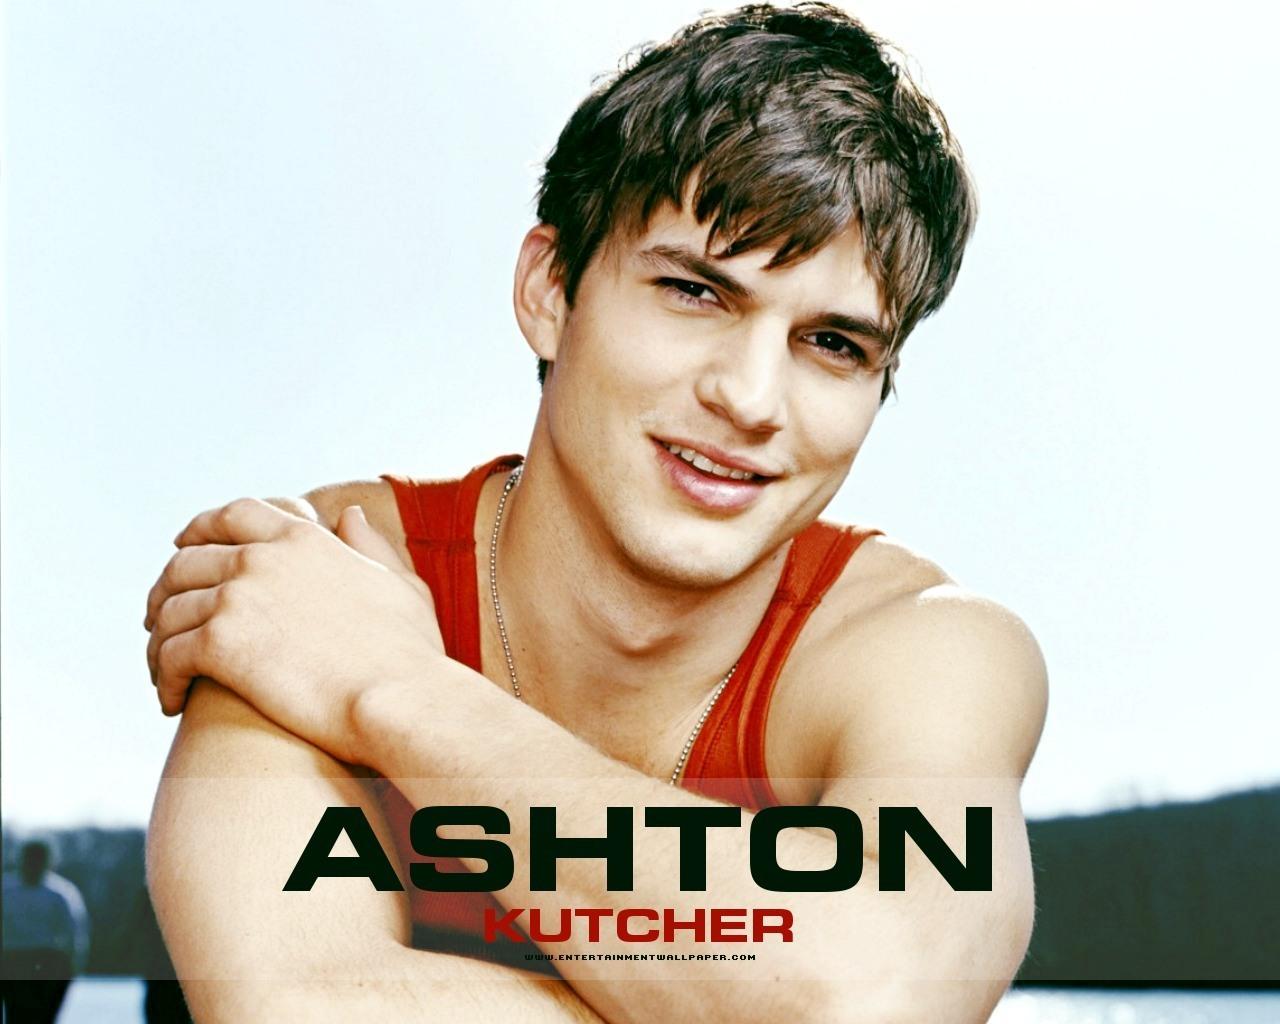 Ashton Kutcher Wallpapers Ashton Kutcher